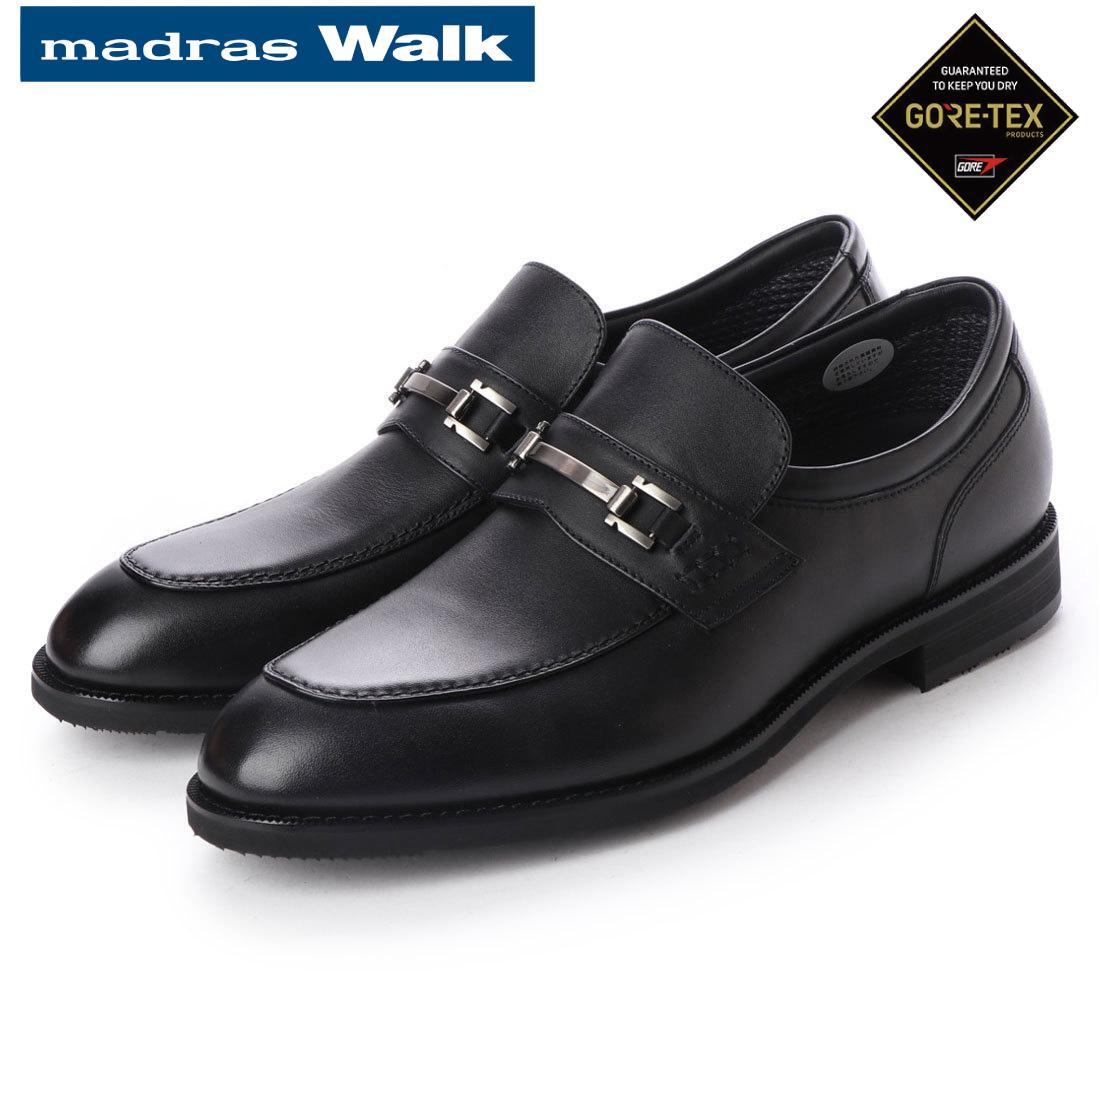 madras Walk マドラス ビット ローファー ビジネス シューズ ゴアテックス MW5910 【nesh】 【新品】